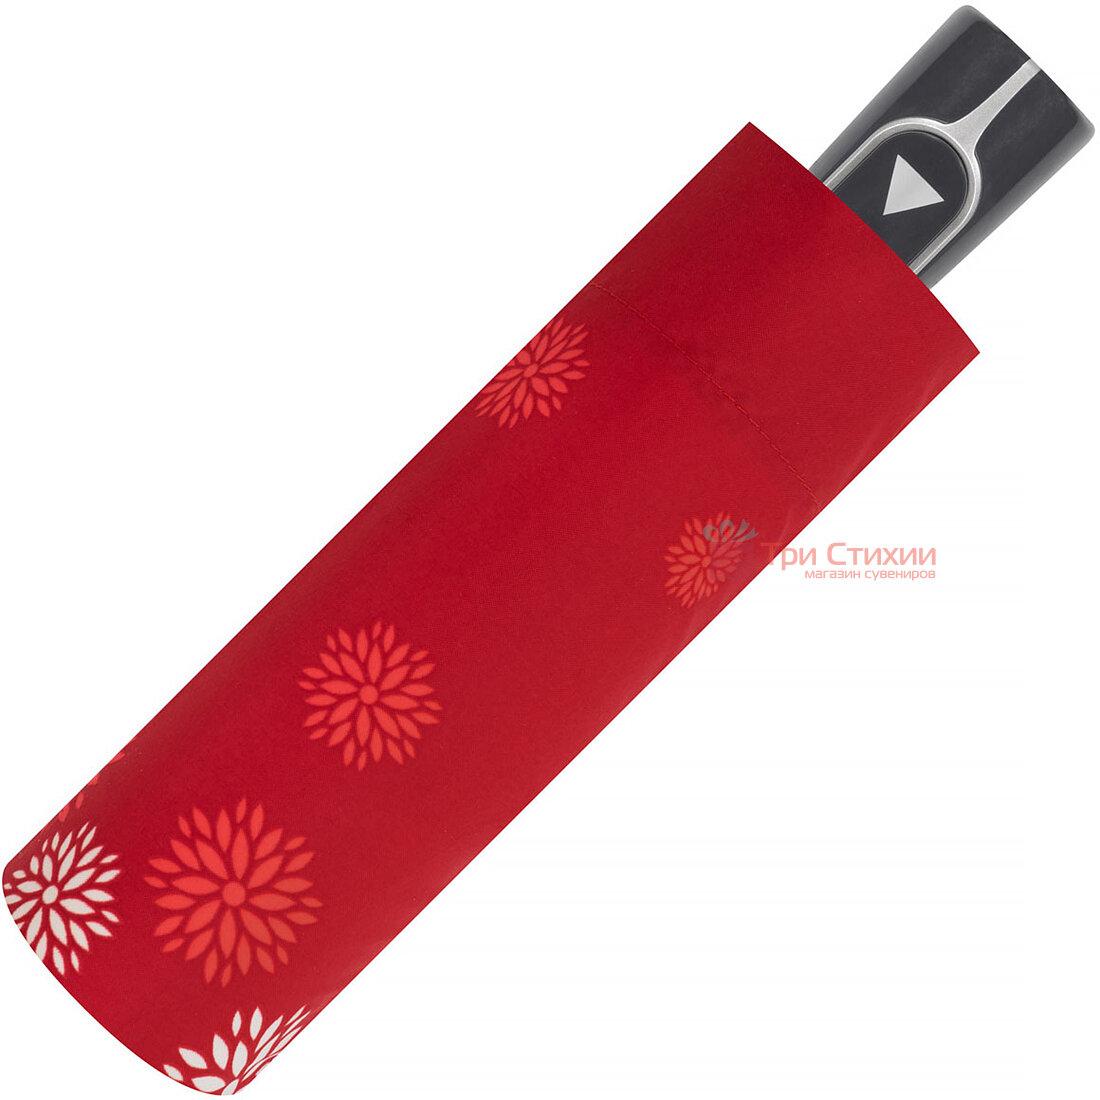 Зонт складной Doppler 7301652903-1 полуавтомат Красные цветы, Цвет: Красный, фото 2